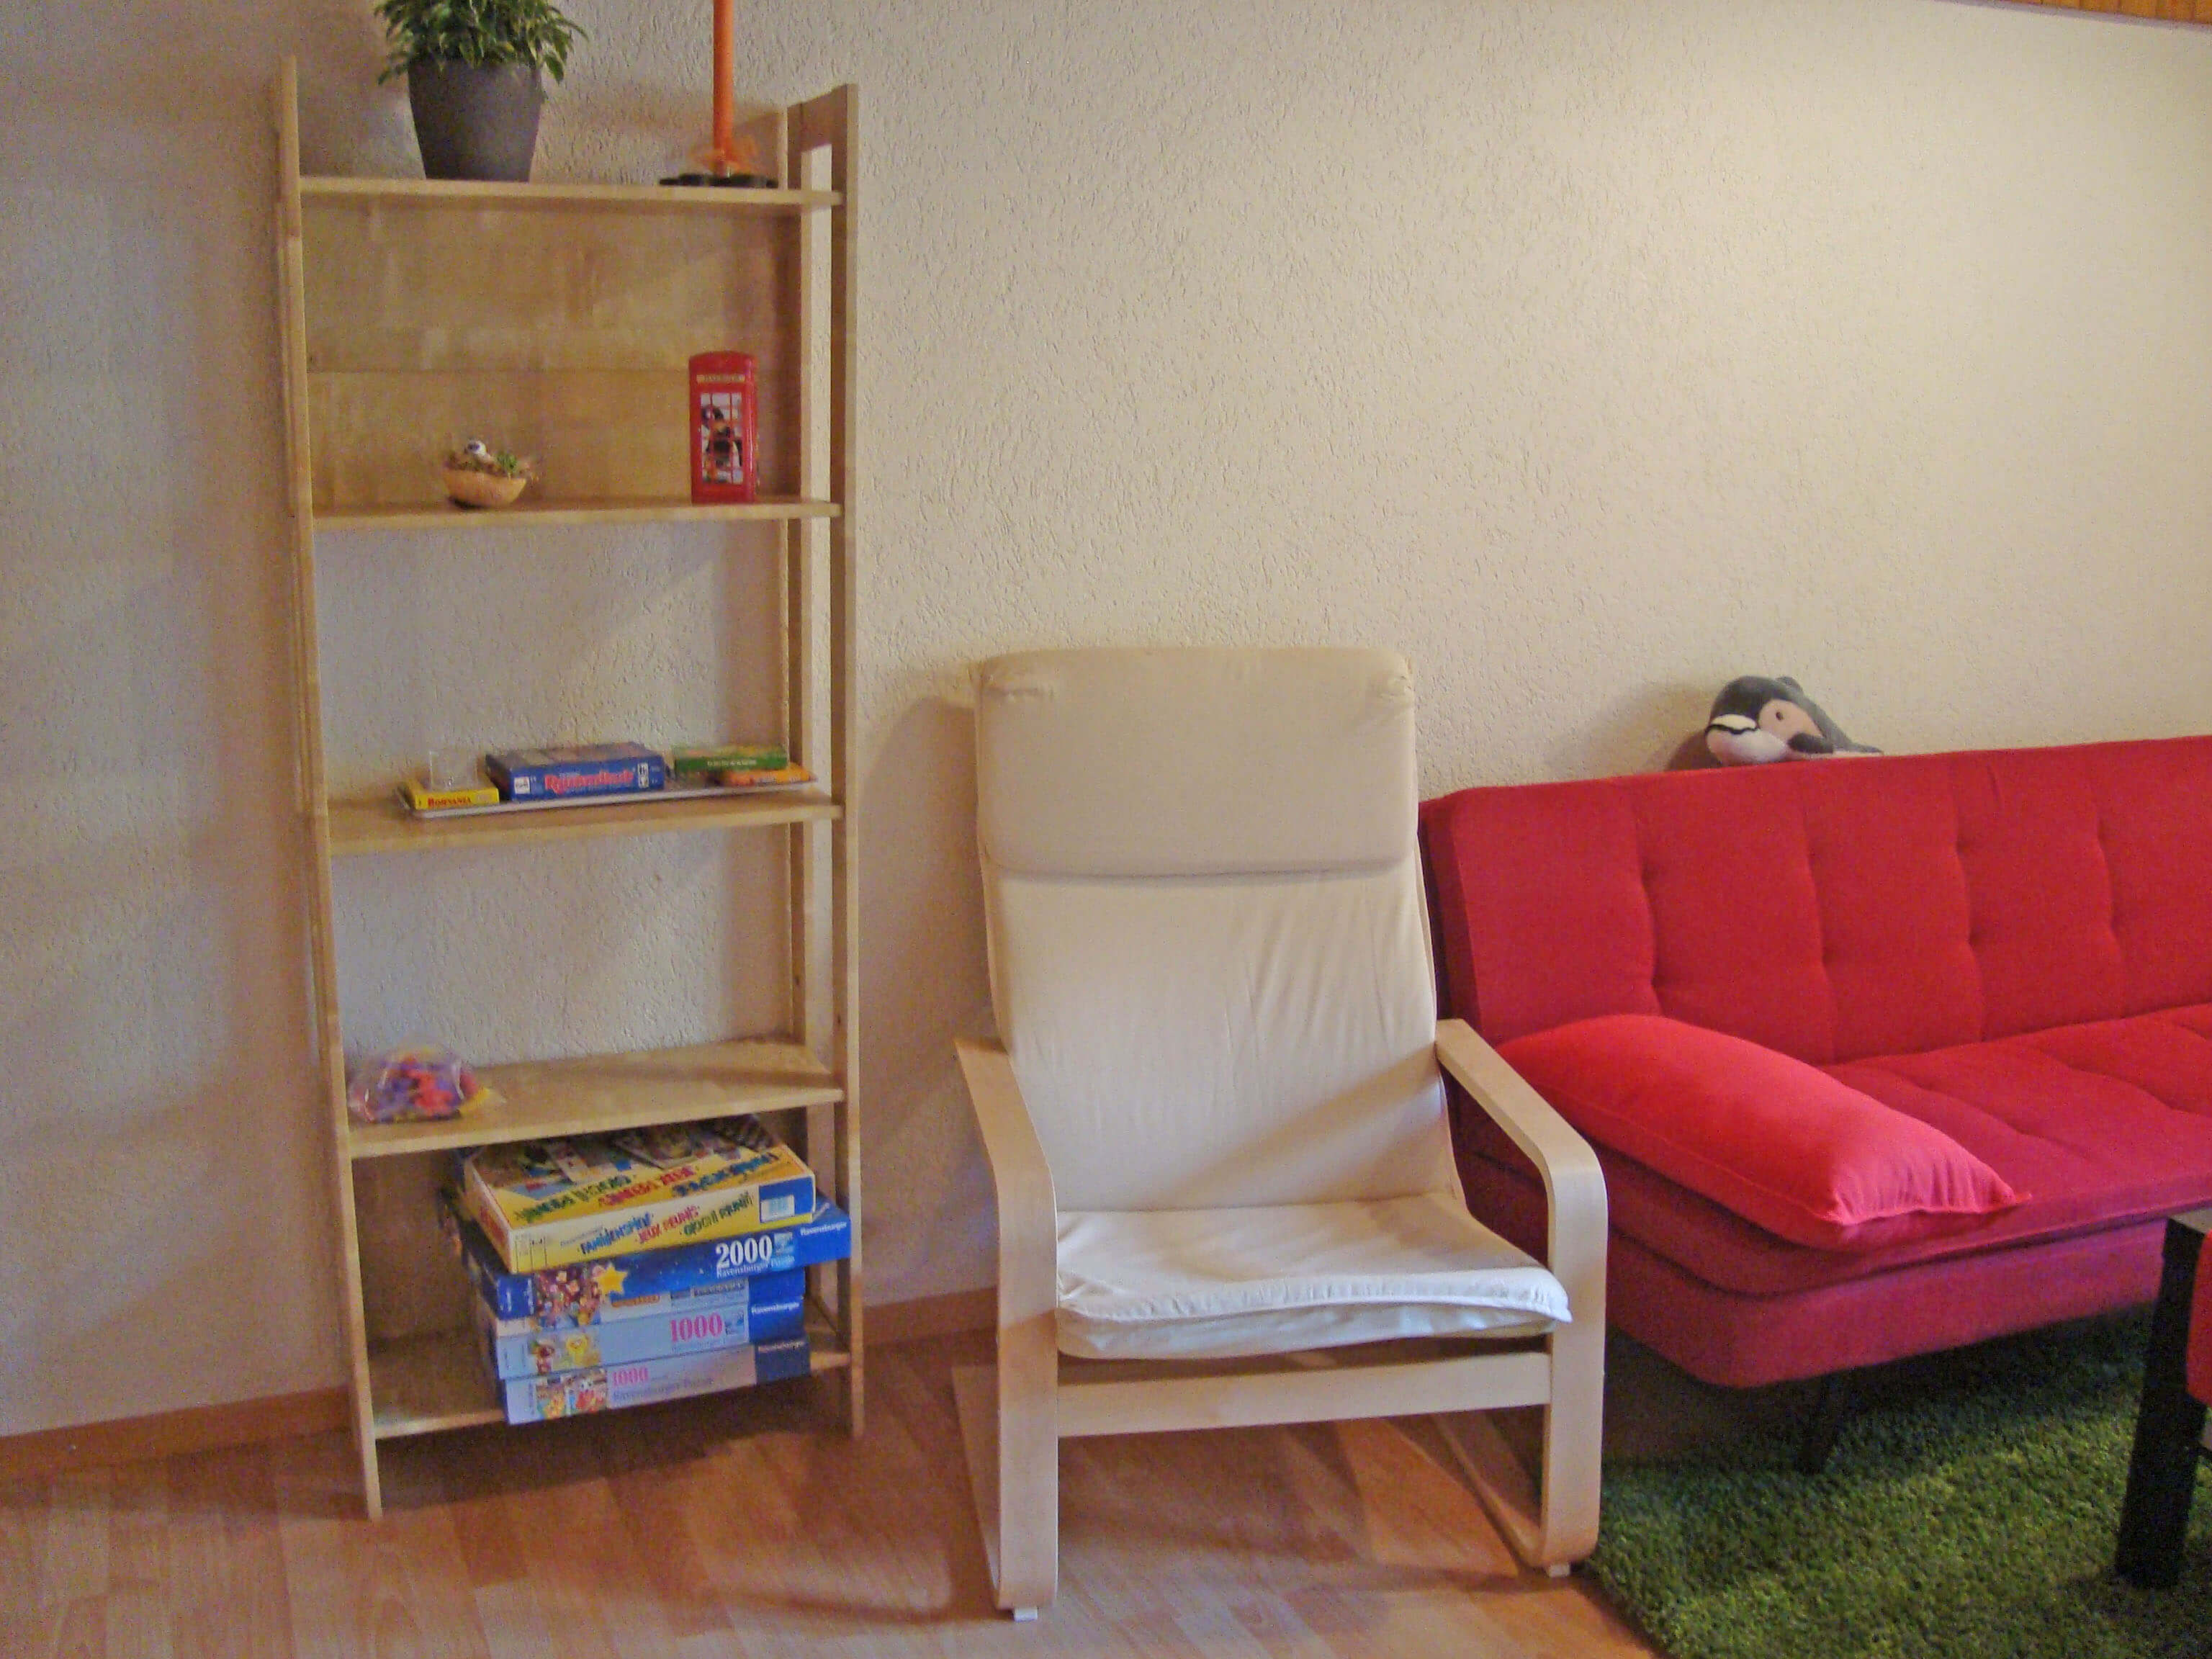 Wohnzimmer Bücherregal Gesellschaftsspiele